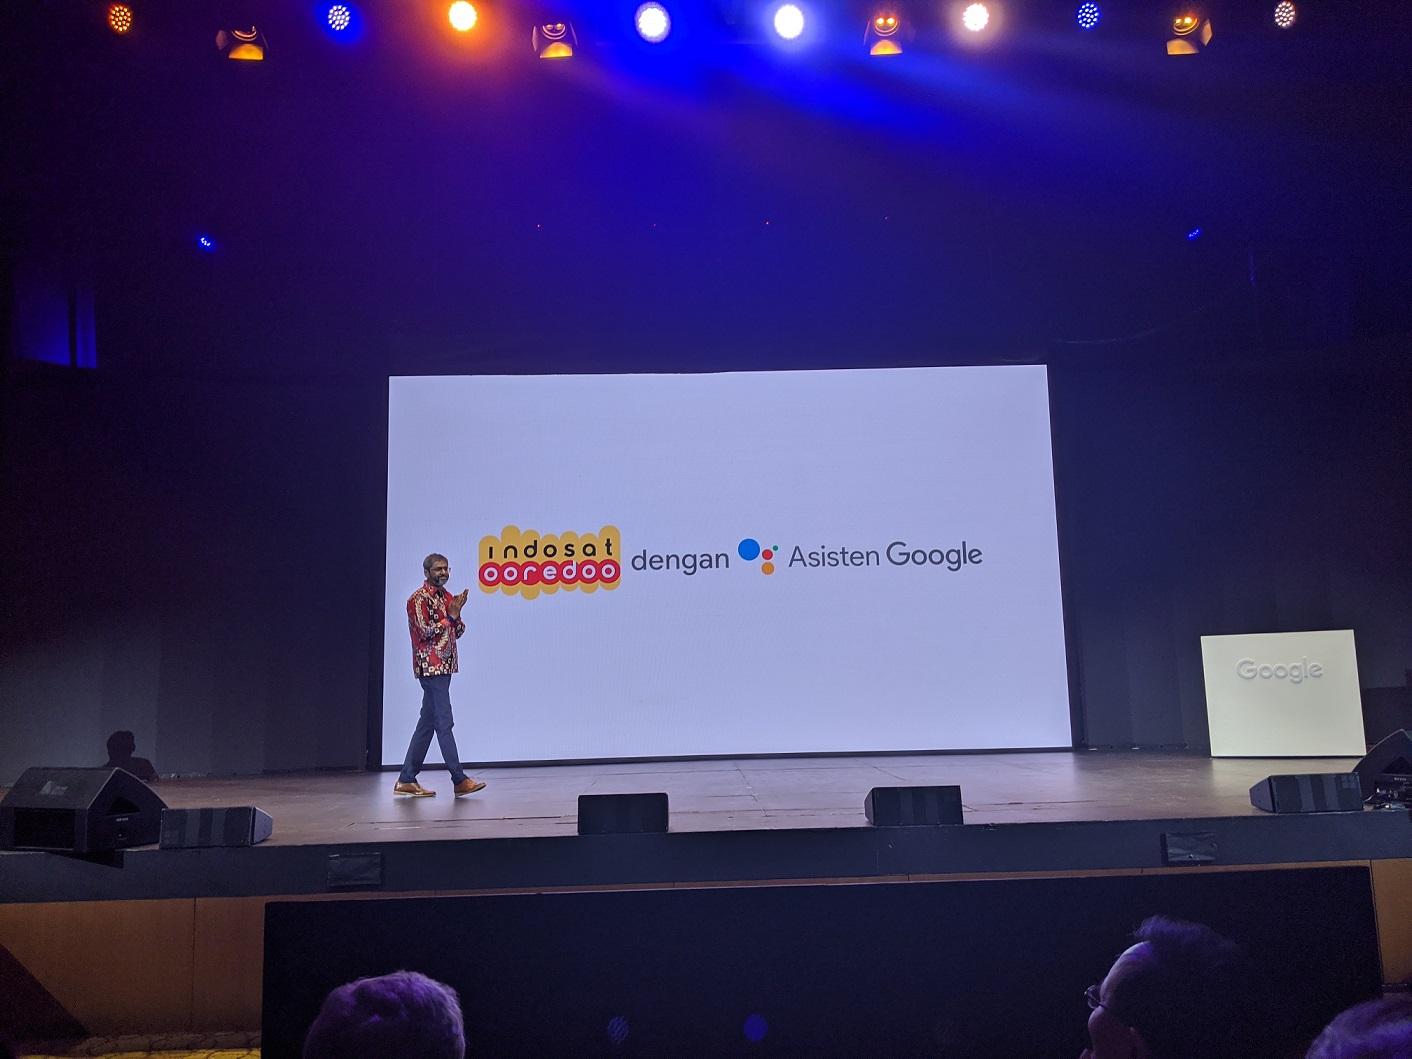 Pertama di Indonesia, Indosat Ooredoo Luncurkan Layanan IM3 Ooredoo 696 dengan Asisten Google, Cara Baru Cari Informasi Lewat Telpon Gratis